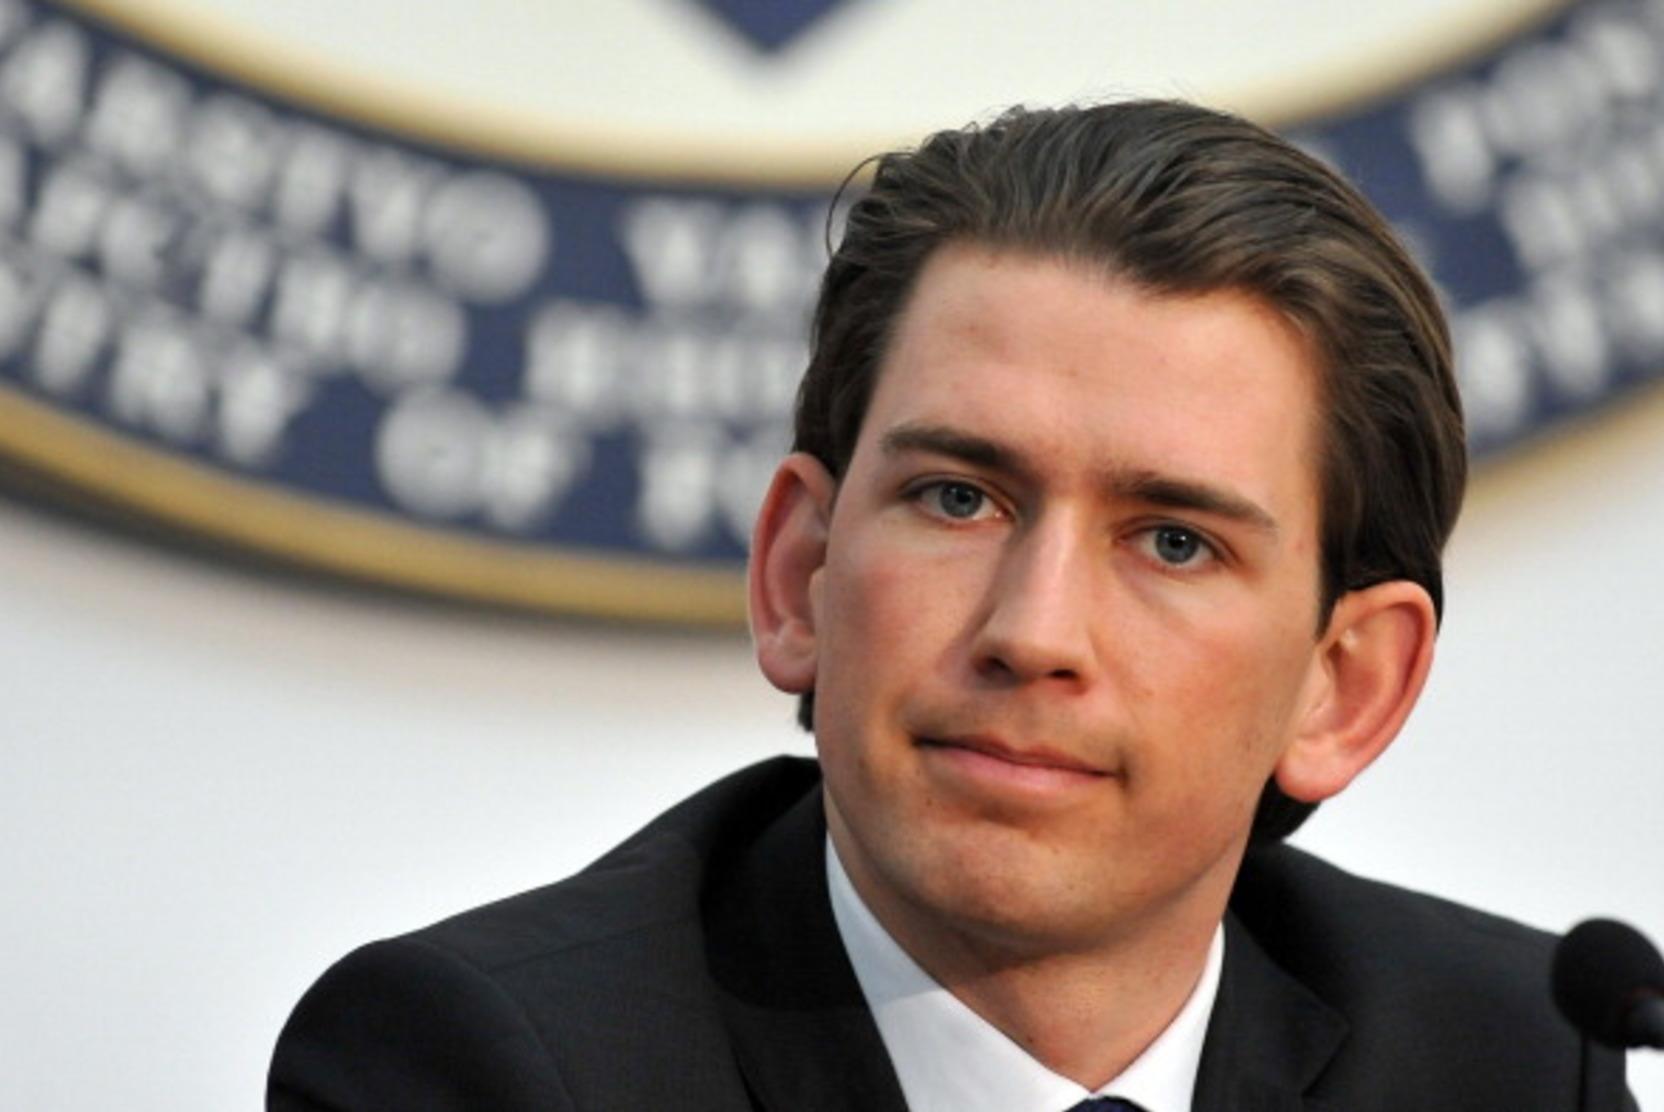 Австрия ведет переговоры о саммите Байдена и Путина в Вене